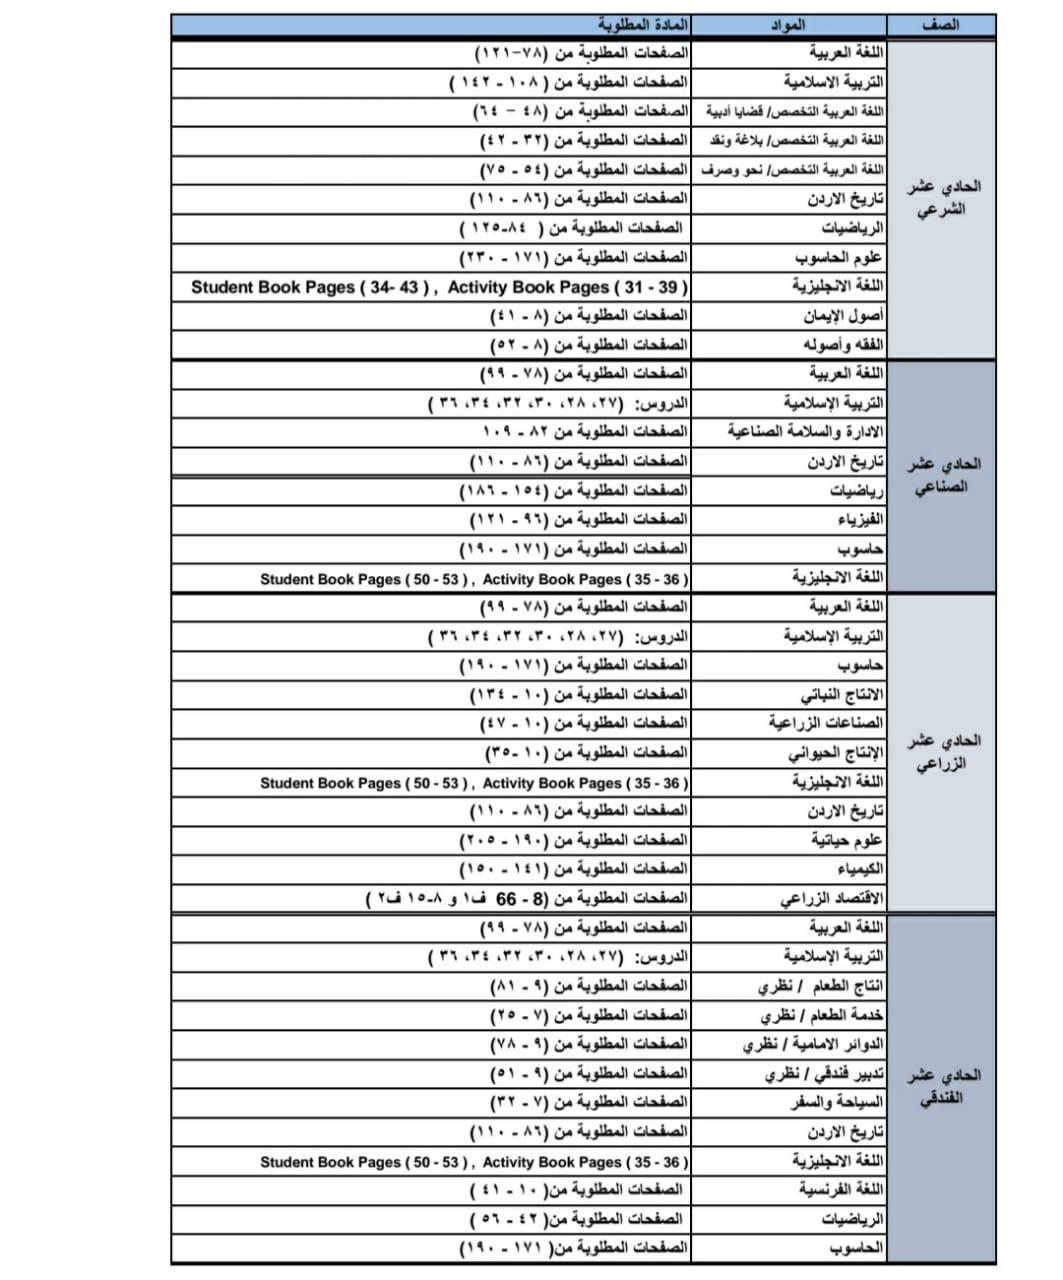 التربية تعلن برنامج اختبارات التقييم الأول لطلبة المدارس - جدول ورابط